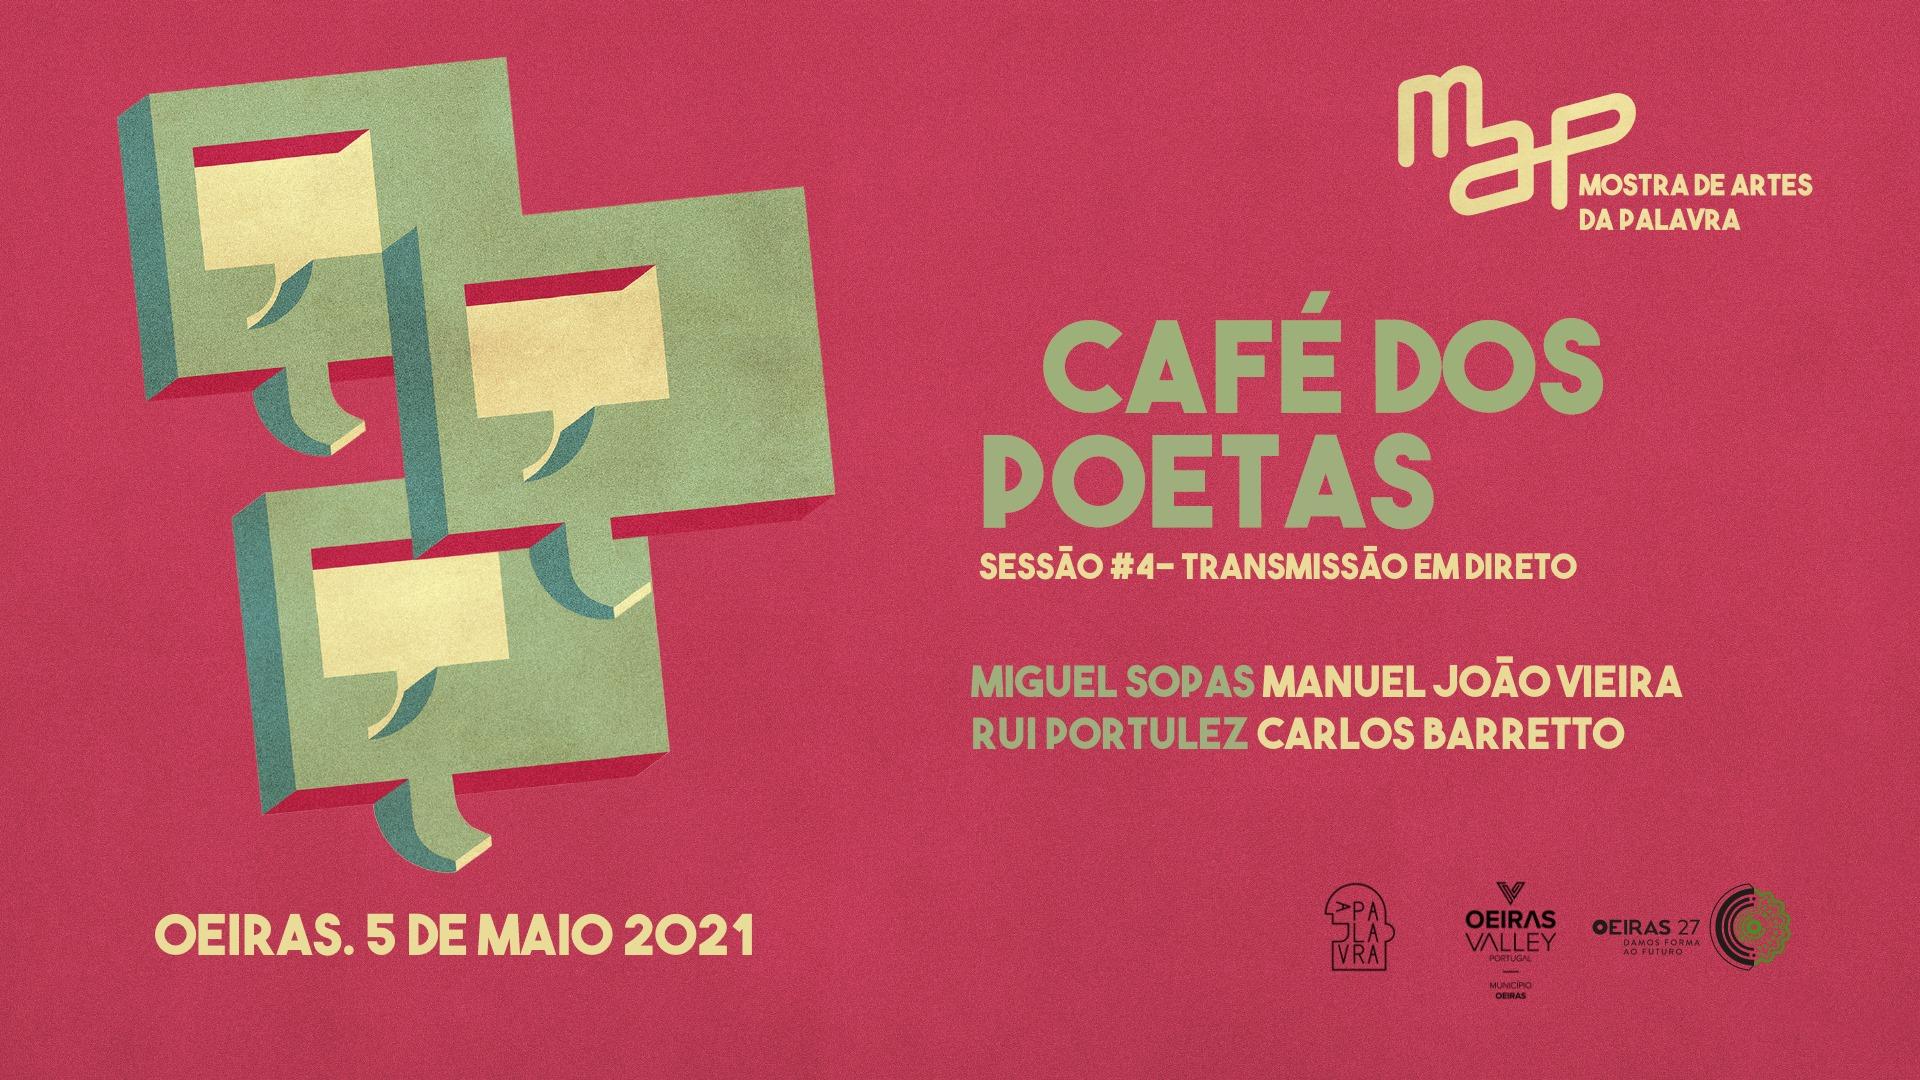 Cesariny vs Pacheco: Café dos Poetas #4